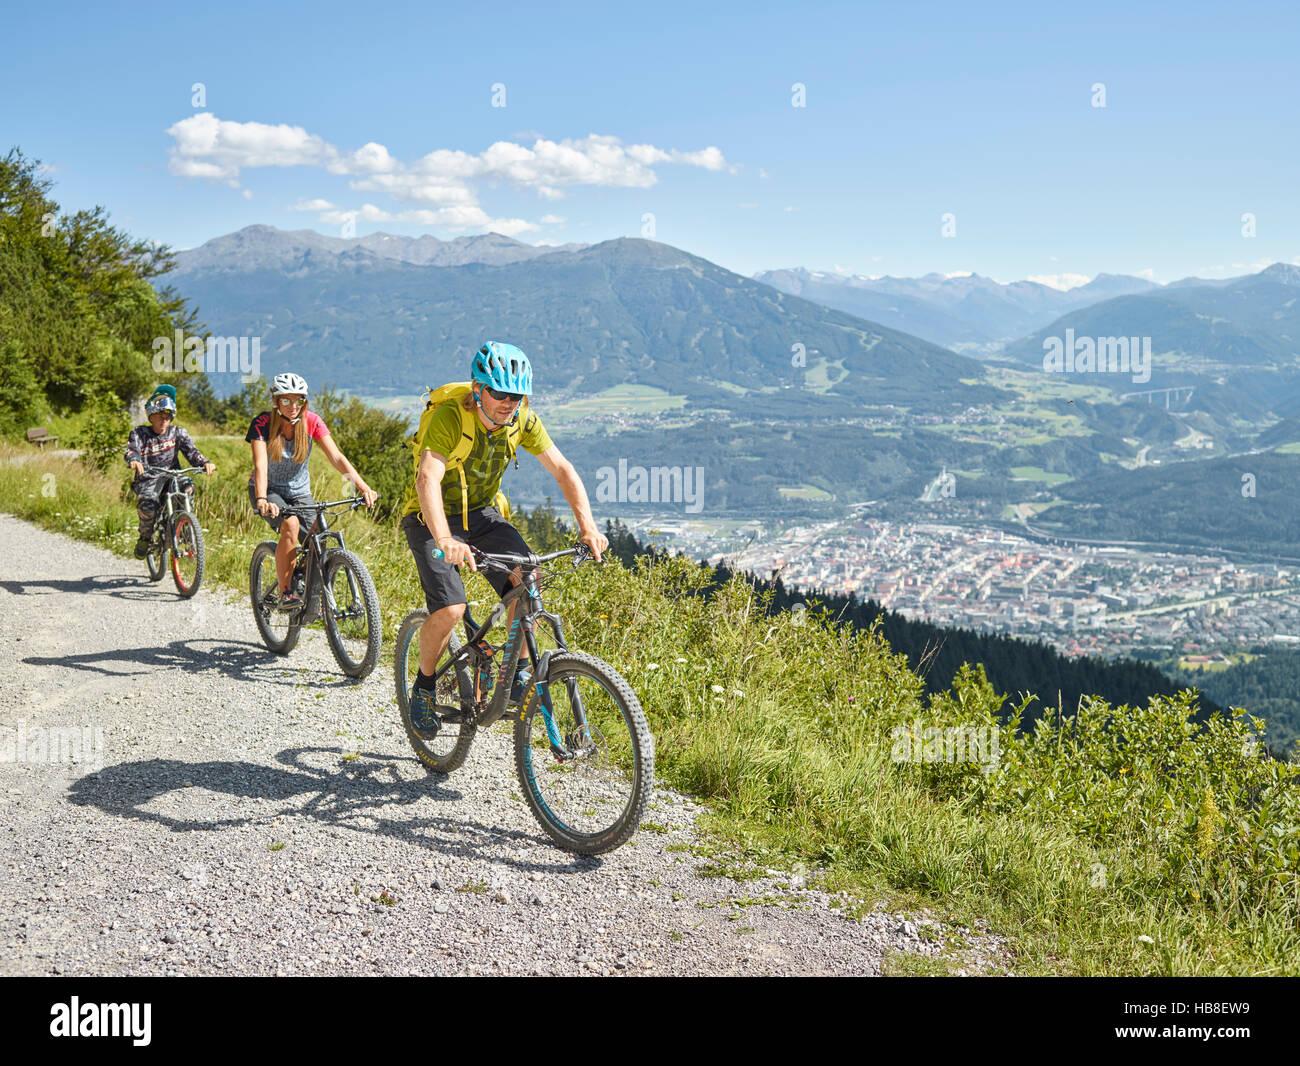 Famiglia su mountain bike, sterrato, Innsbruck dietro, Valle Inn, Tirolo, Austria Immagini Stock